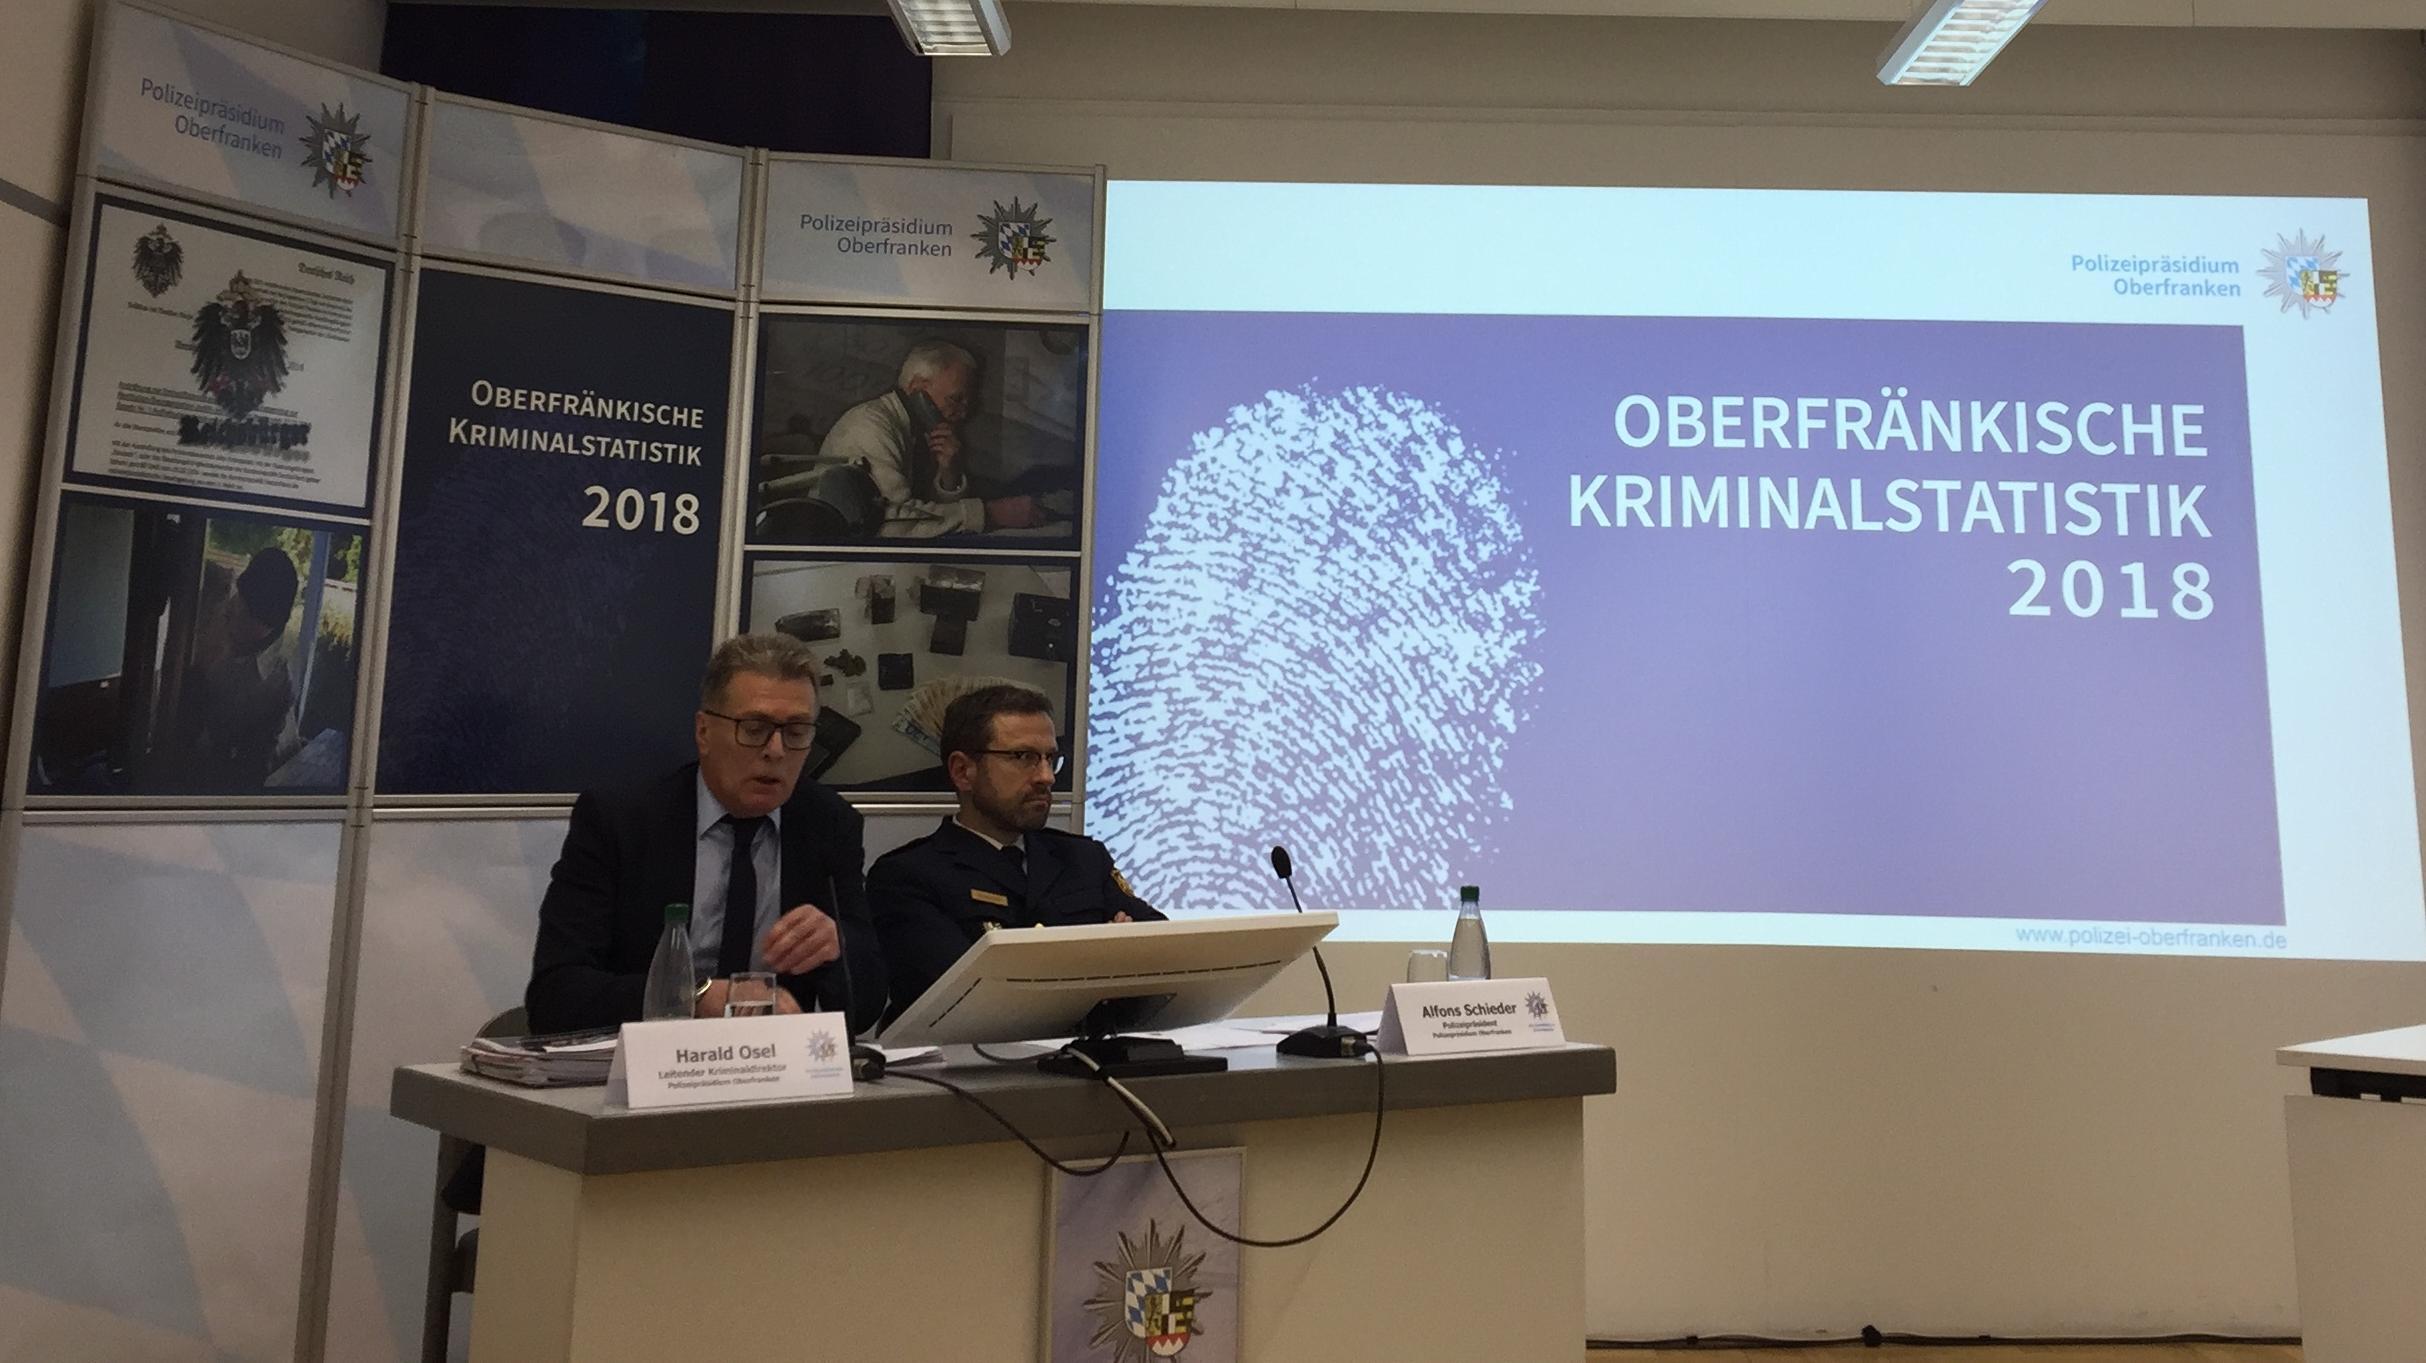 Bekanntgabe der Kriminalstatistik Oberfranken 2018 in Bayreuth: Polizeipräsident Alfons Schieder (re), leit. Kriminaldirektor Harald Osel